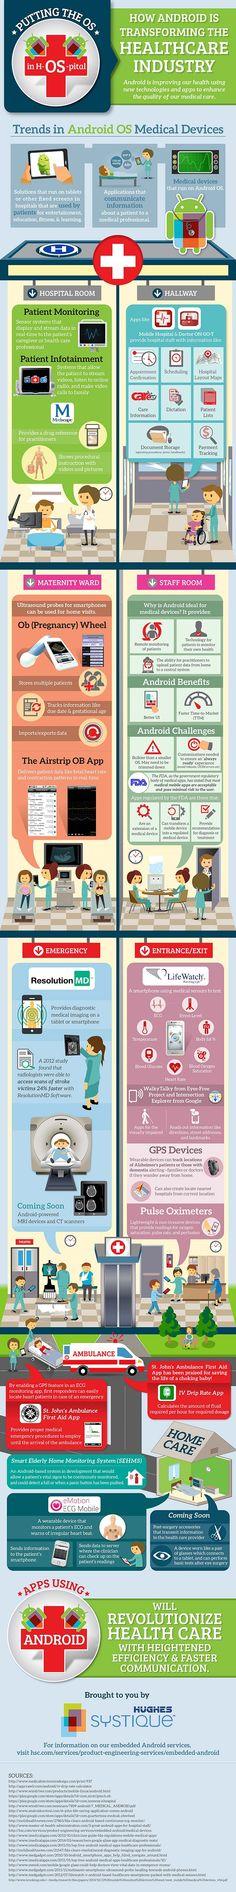 Android und der Wandel der Gesundheitswirtschaft - Human Capital Care